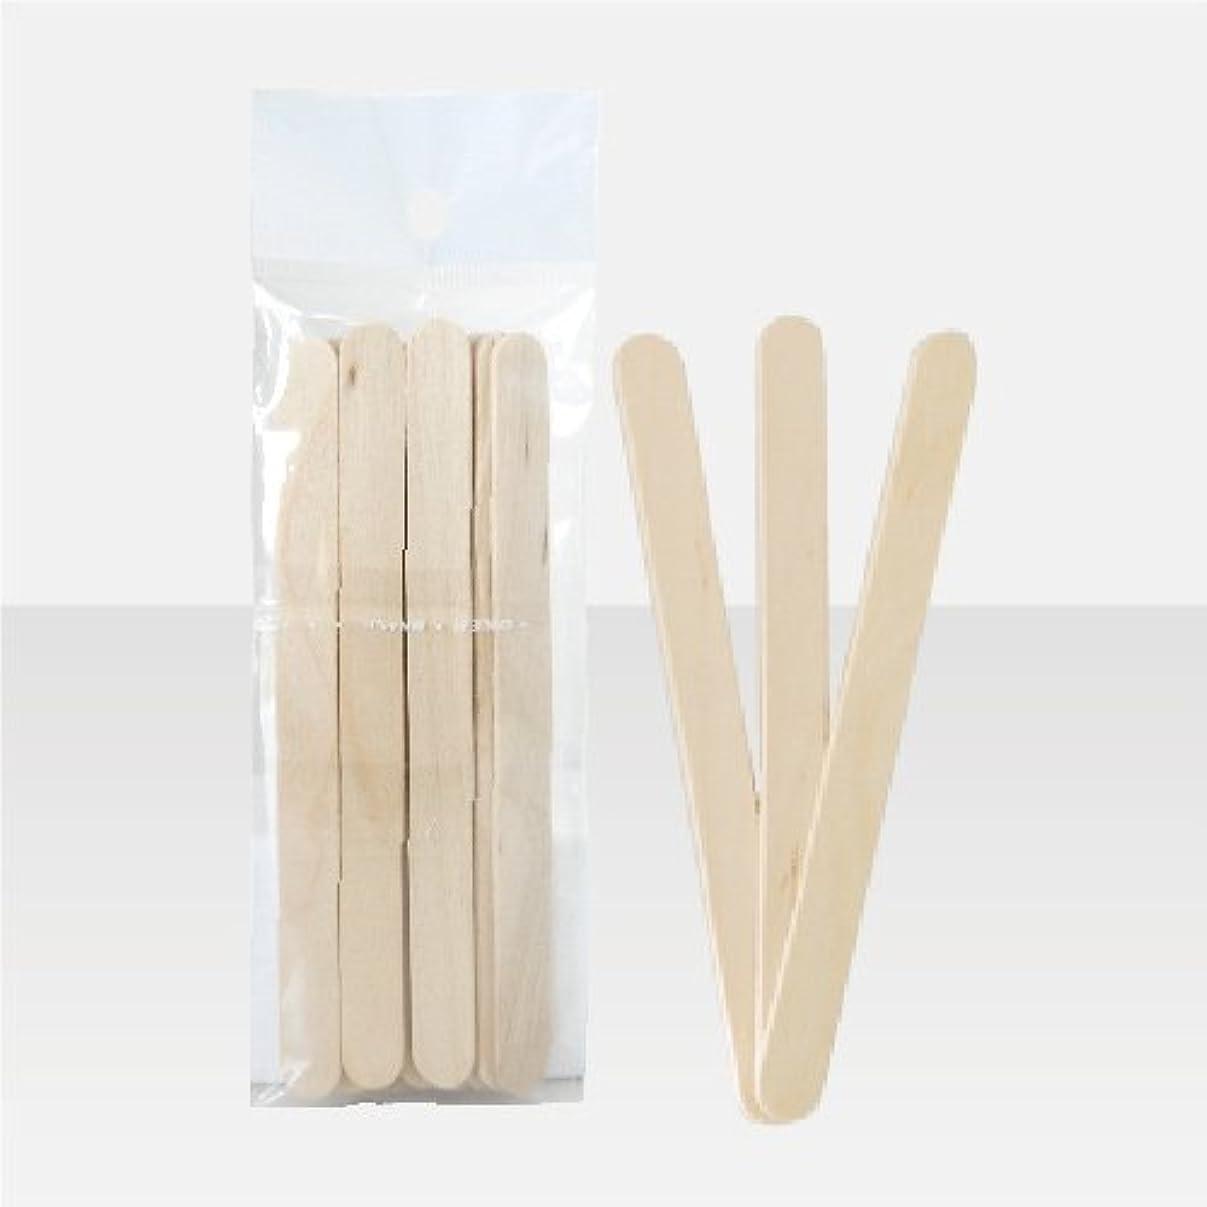 加速するドナー申込みブラジリアンワックス 脱毛ワックス用  ワックススパチュラ 木ベラ /10本セット Sサイズ